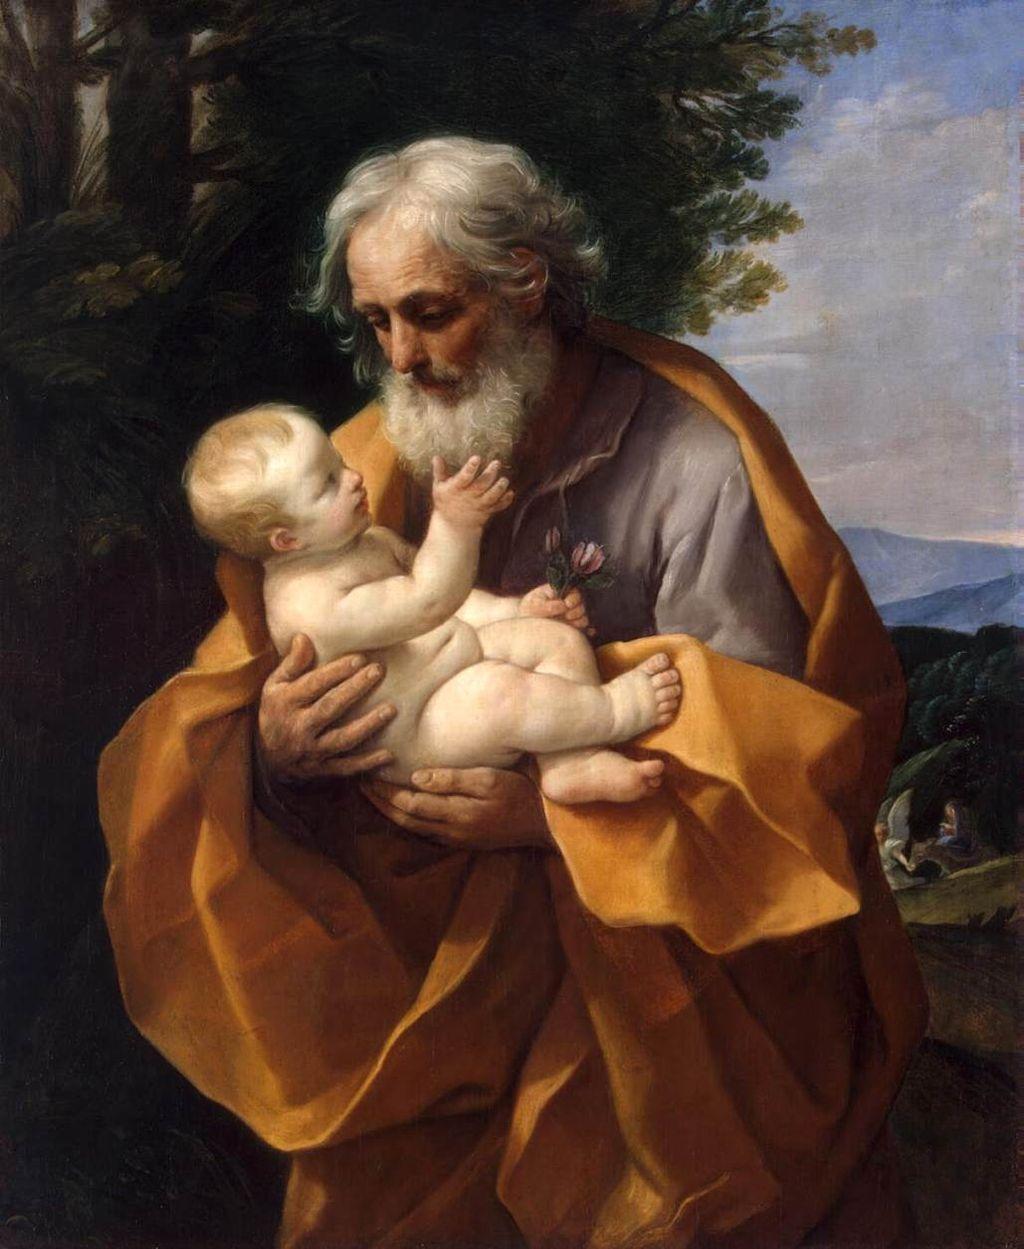 FARSFIGUR: – Det er på høy tid å løfte frem Josef som en av de store heltene i julefortellingen, skriver Kim Larsen. Bilde: «Saint Joseph with the Infant Jesus» av Guido Reni, c.1635.